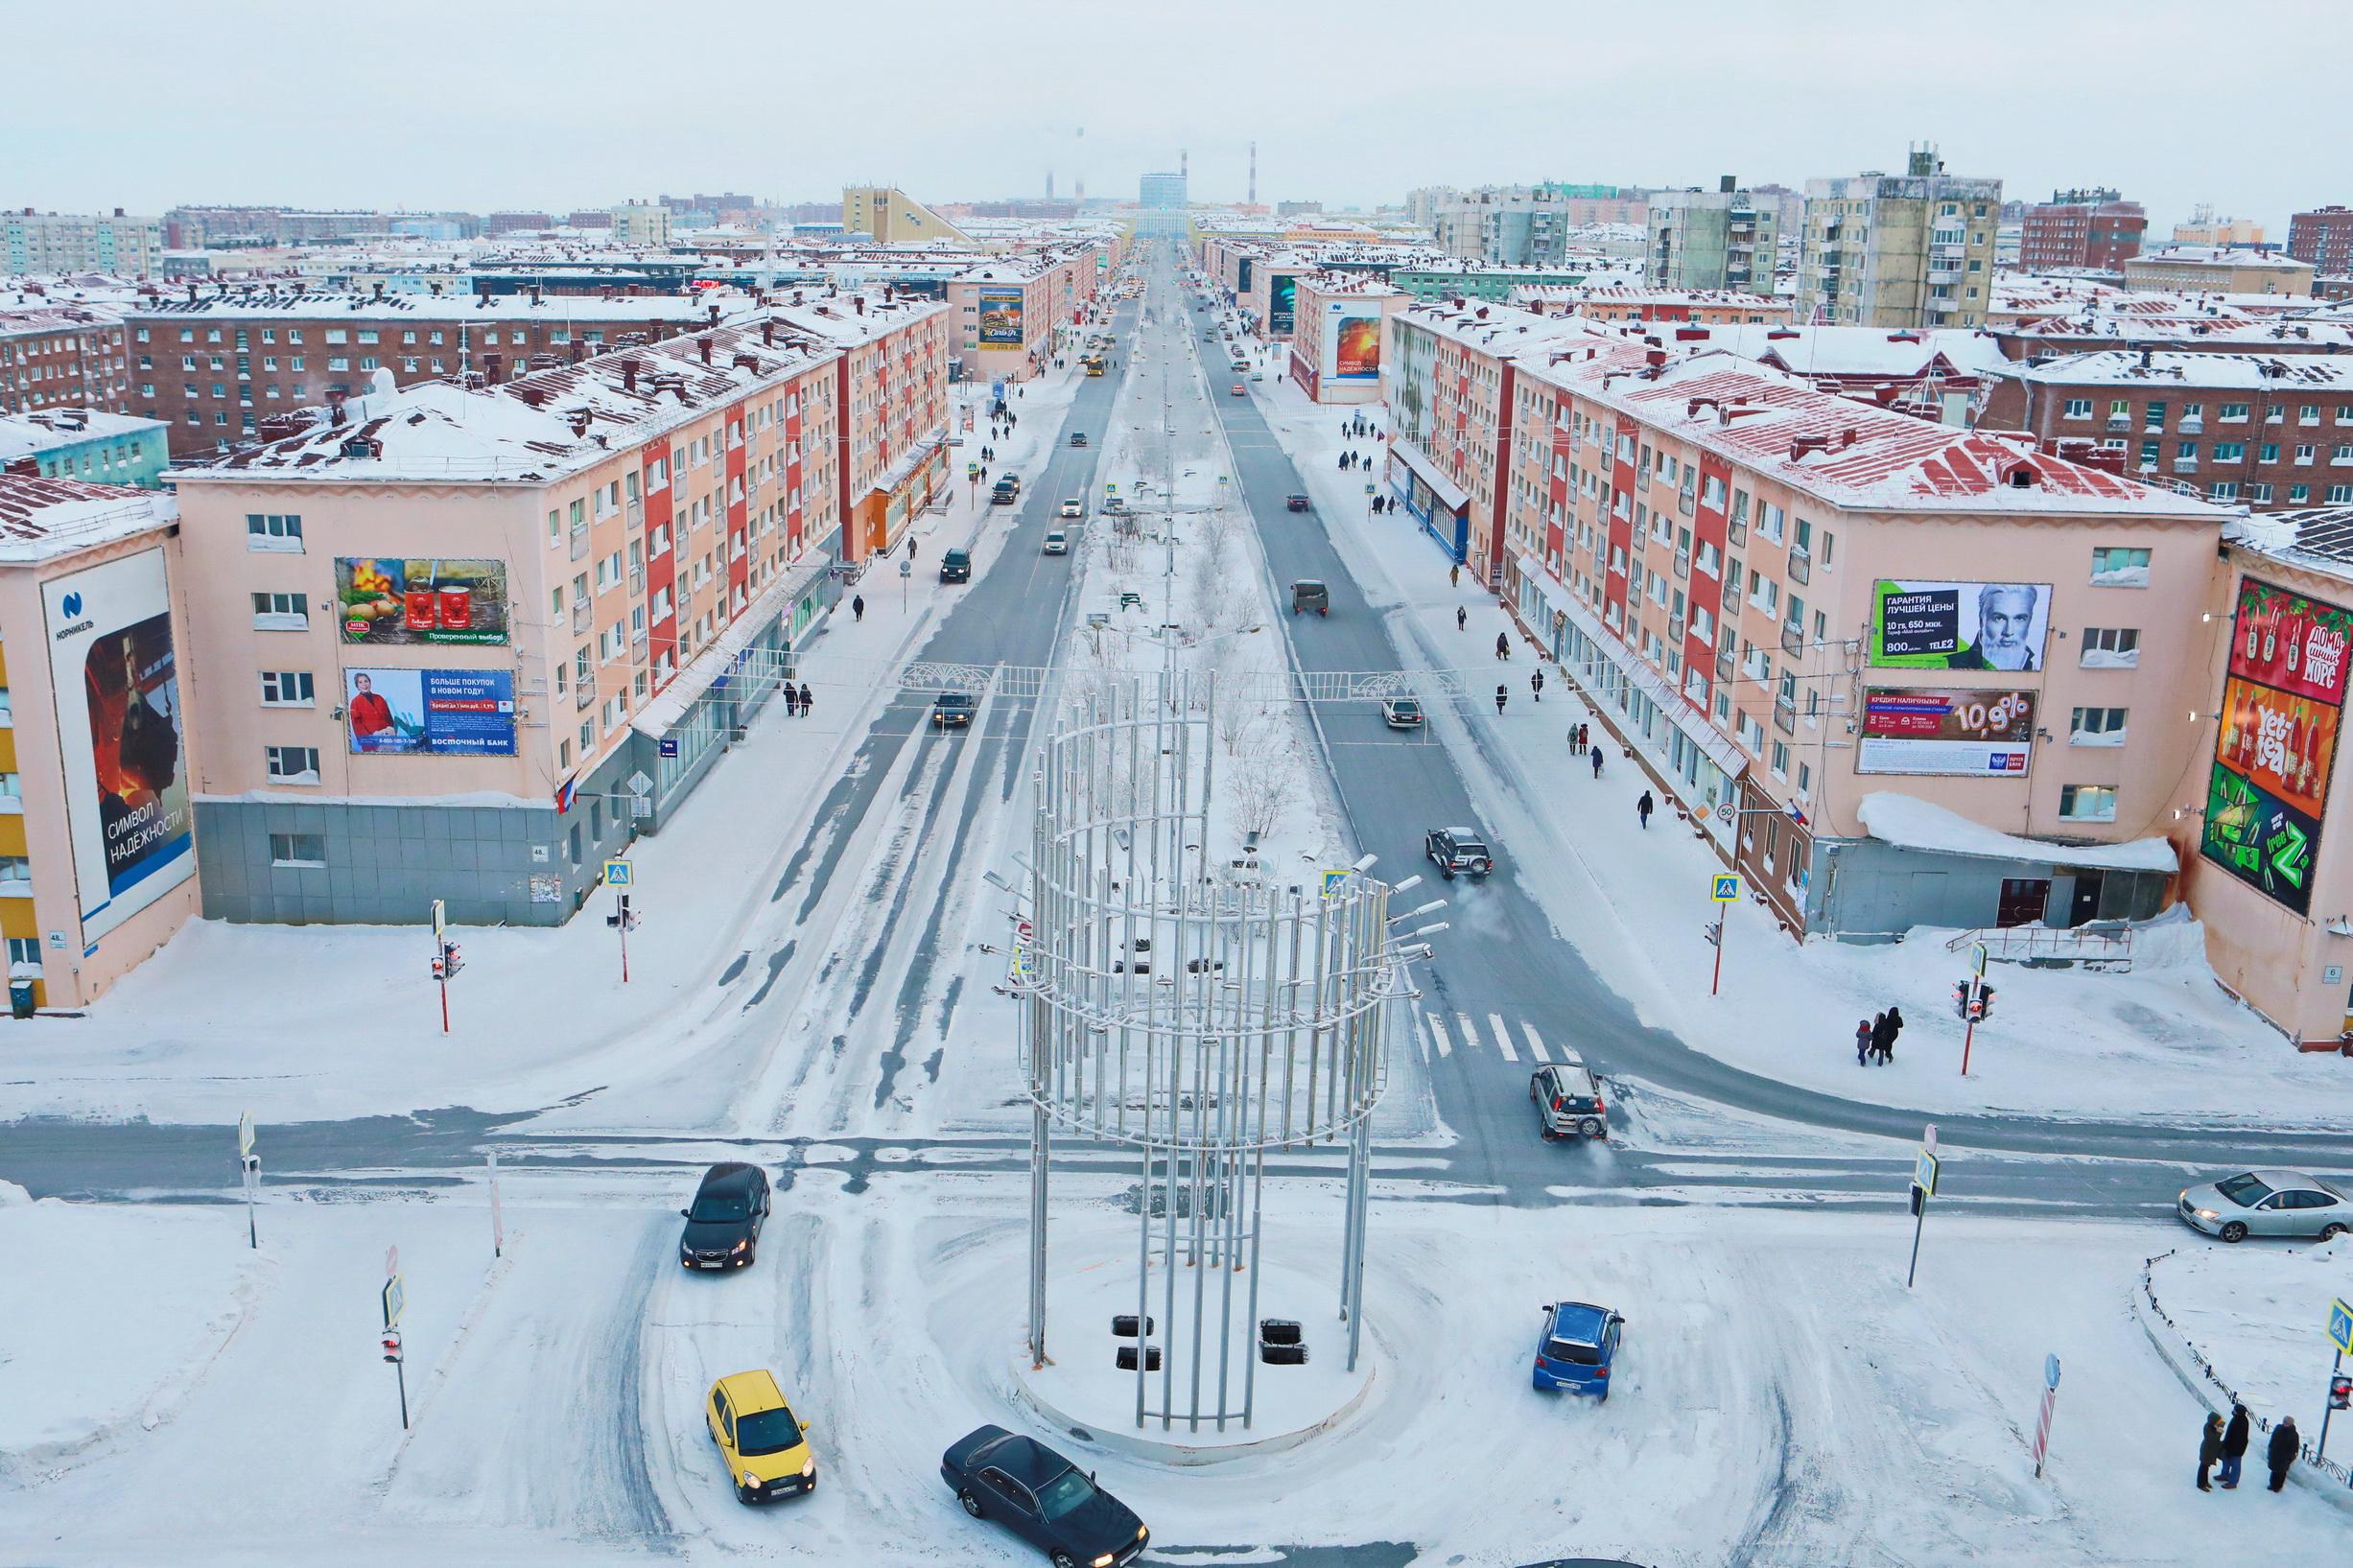 Агентством развития Норильска представлены итоги работы по созданию мастер-плана города